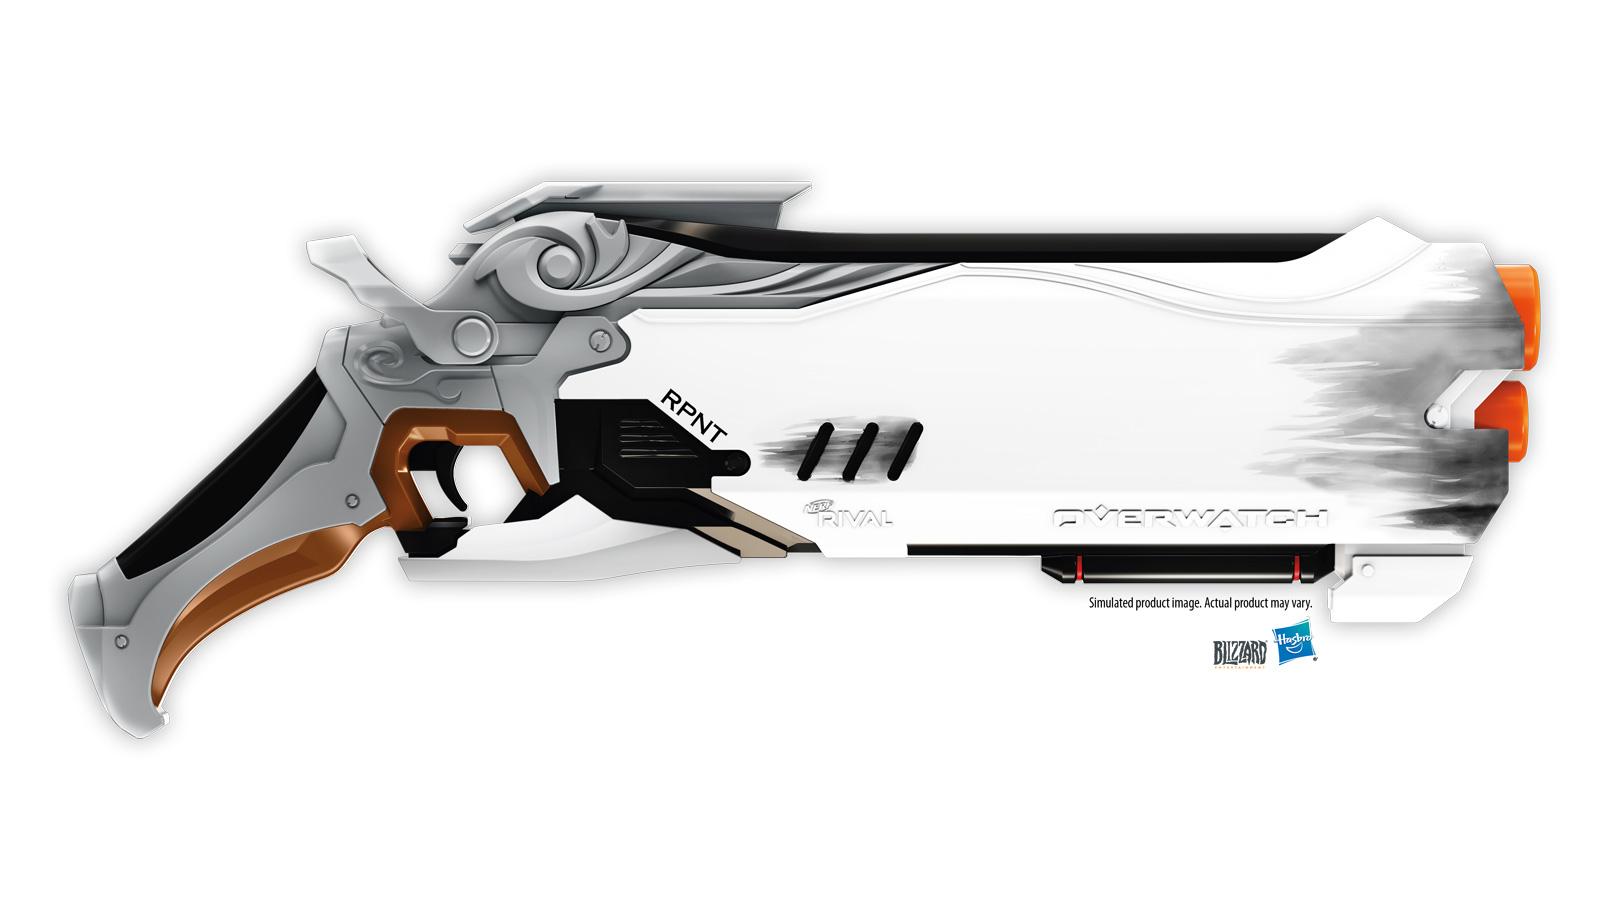 おもちゃ銃 nerf のoverwatchコラボモデル発表 8月にはスマホ連動